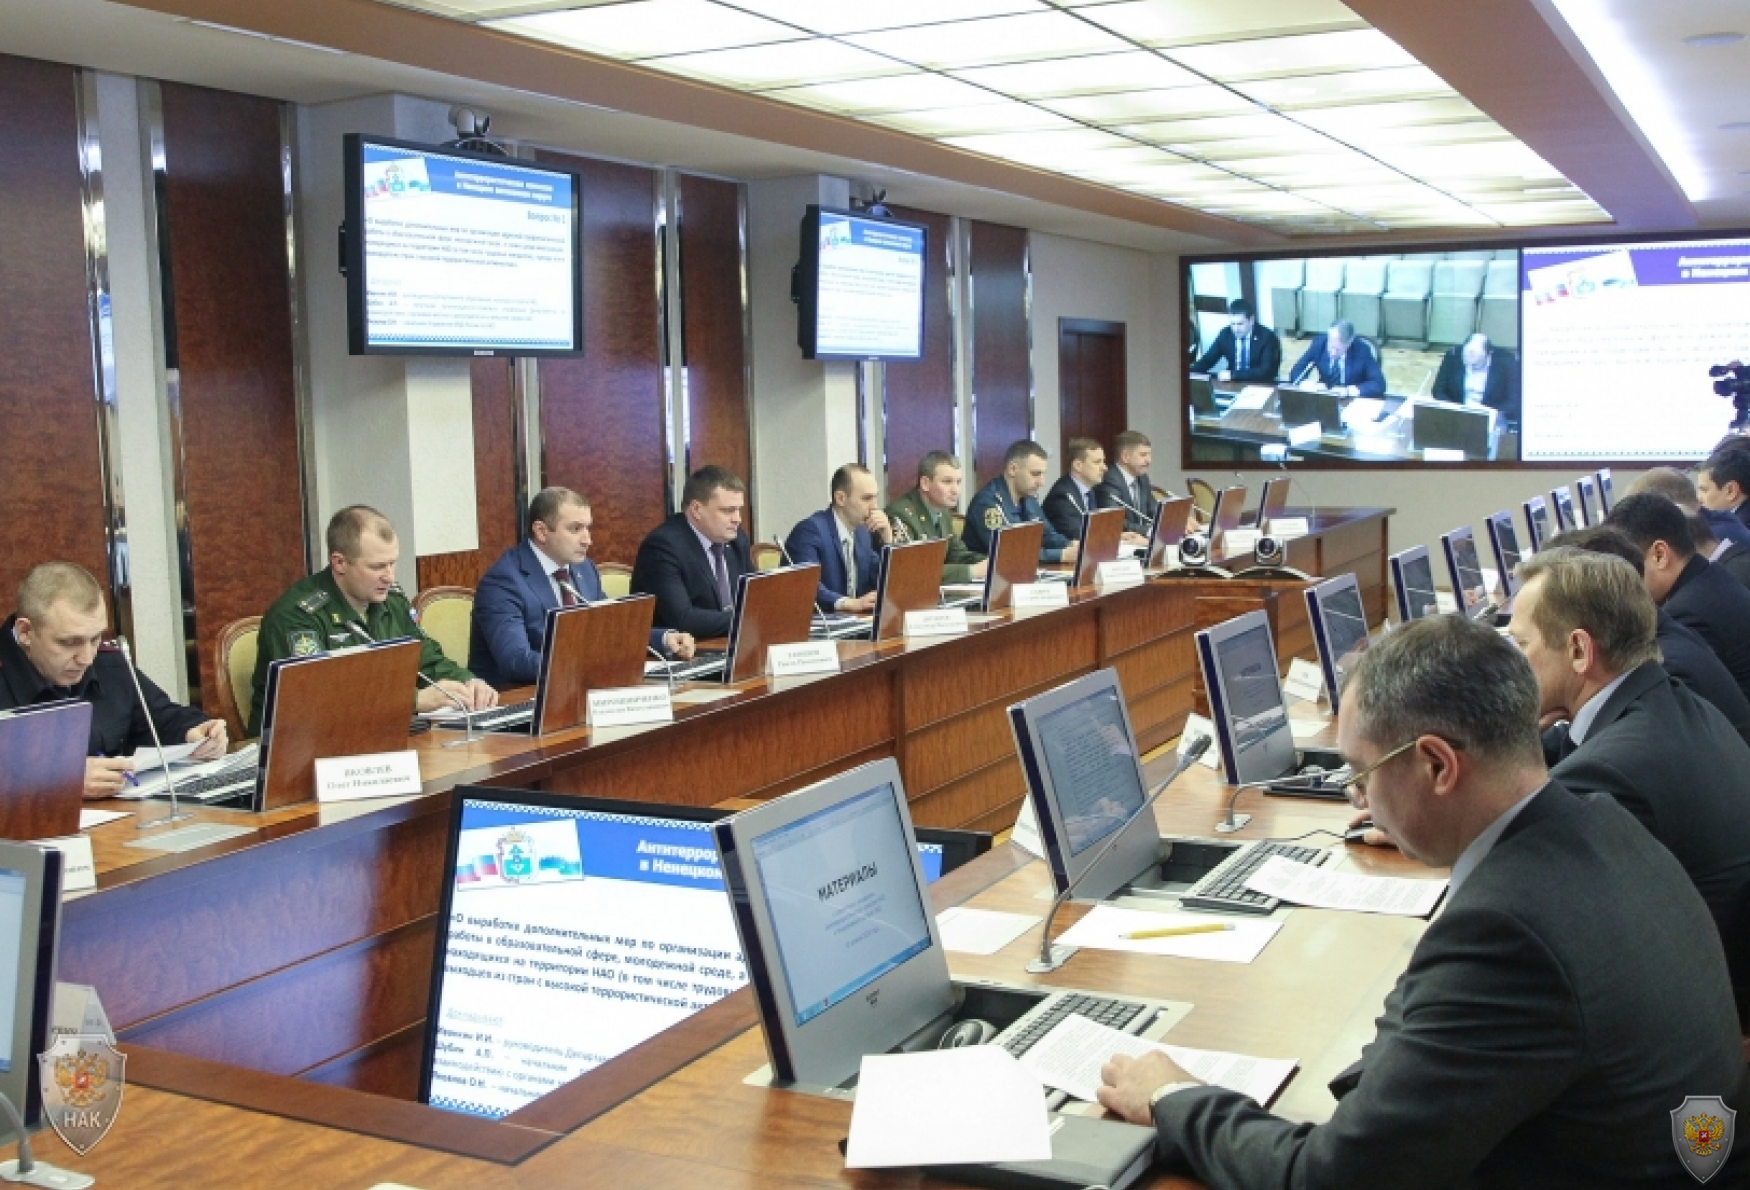 Открытие совместного заседания Антитеррористической комиссии и Оперативного штаба в Ненецком автономном округе